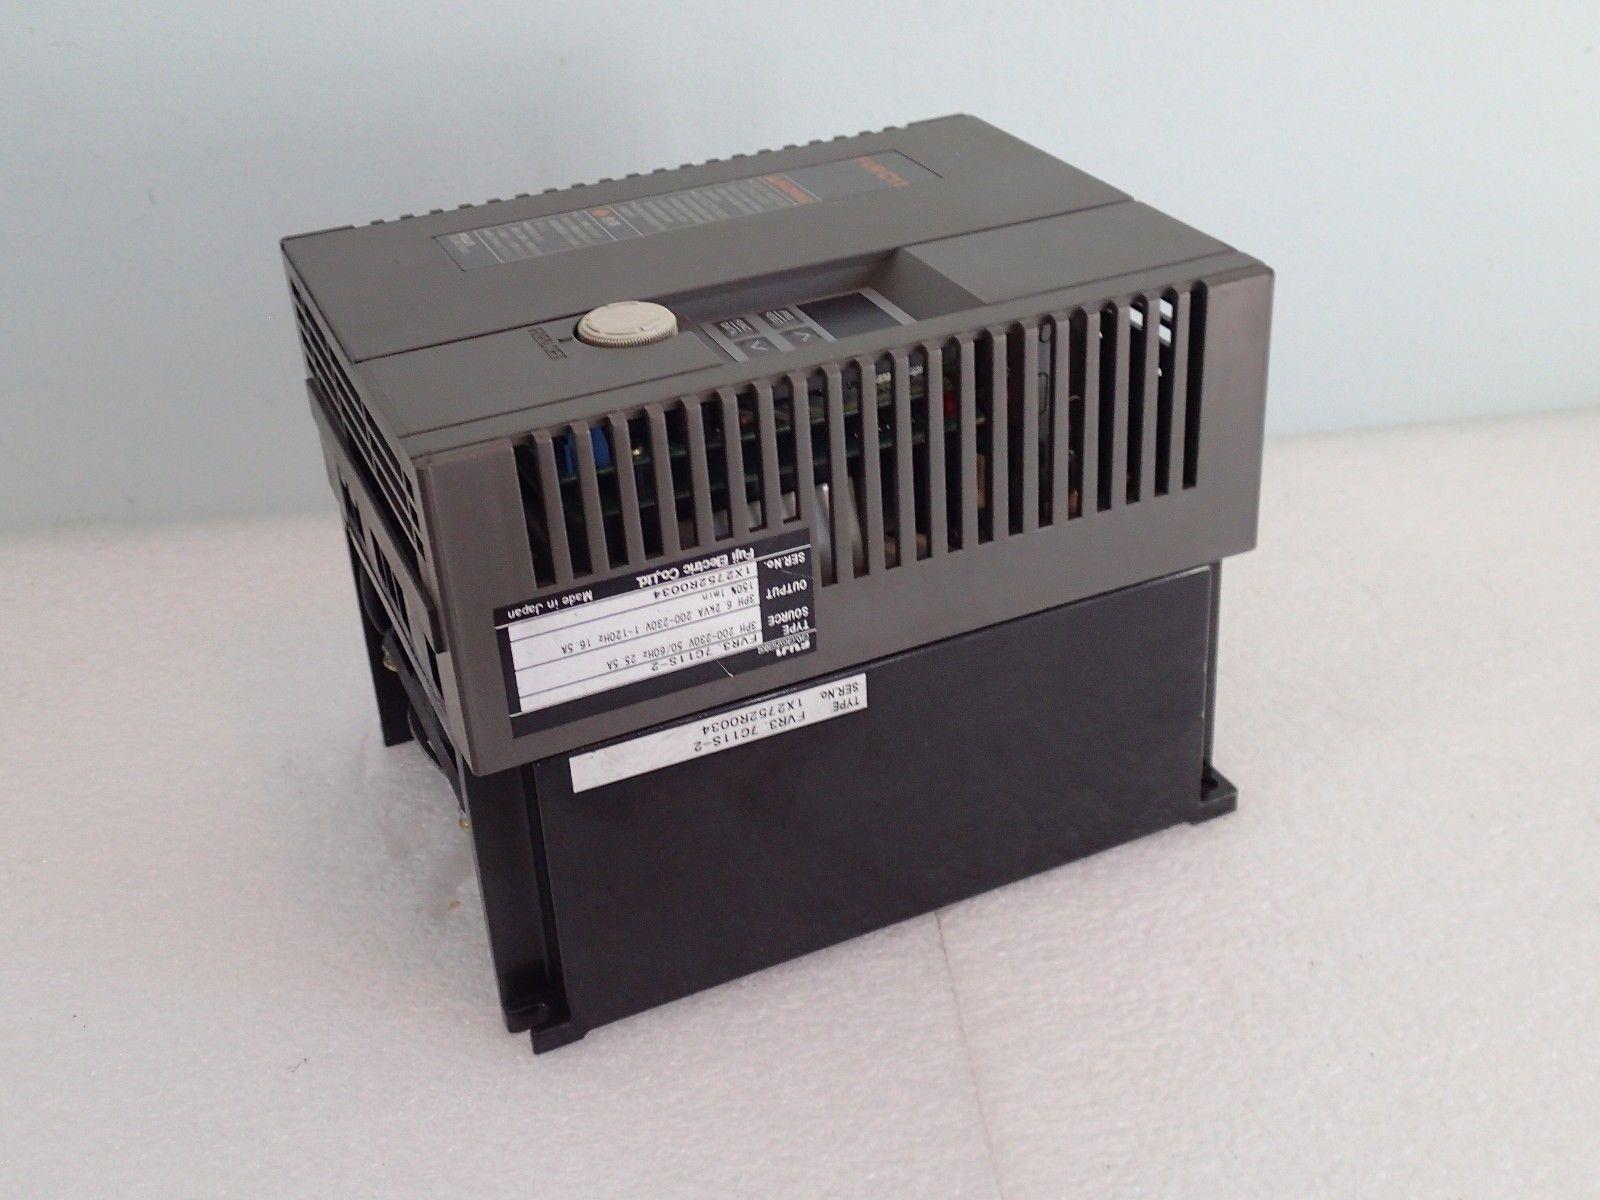 ... WARRANTY FUJI FVR-C11 INVERTER DRIVE FVR3.7C11S-2 3PH 200-230V